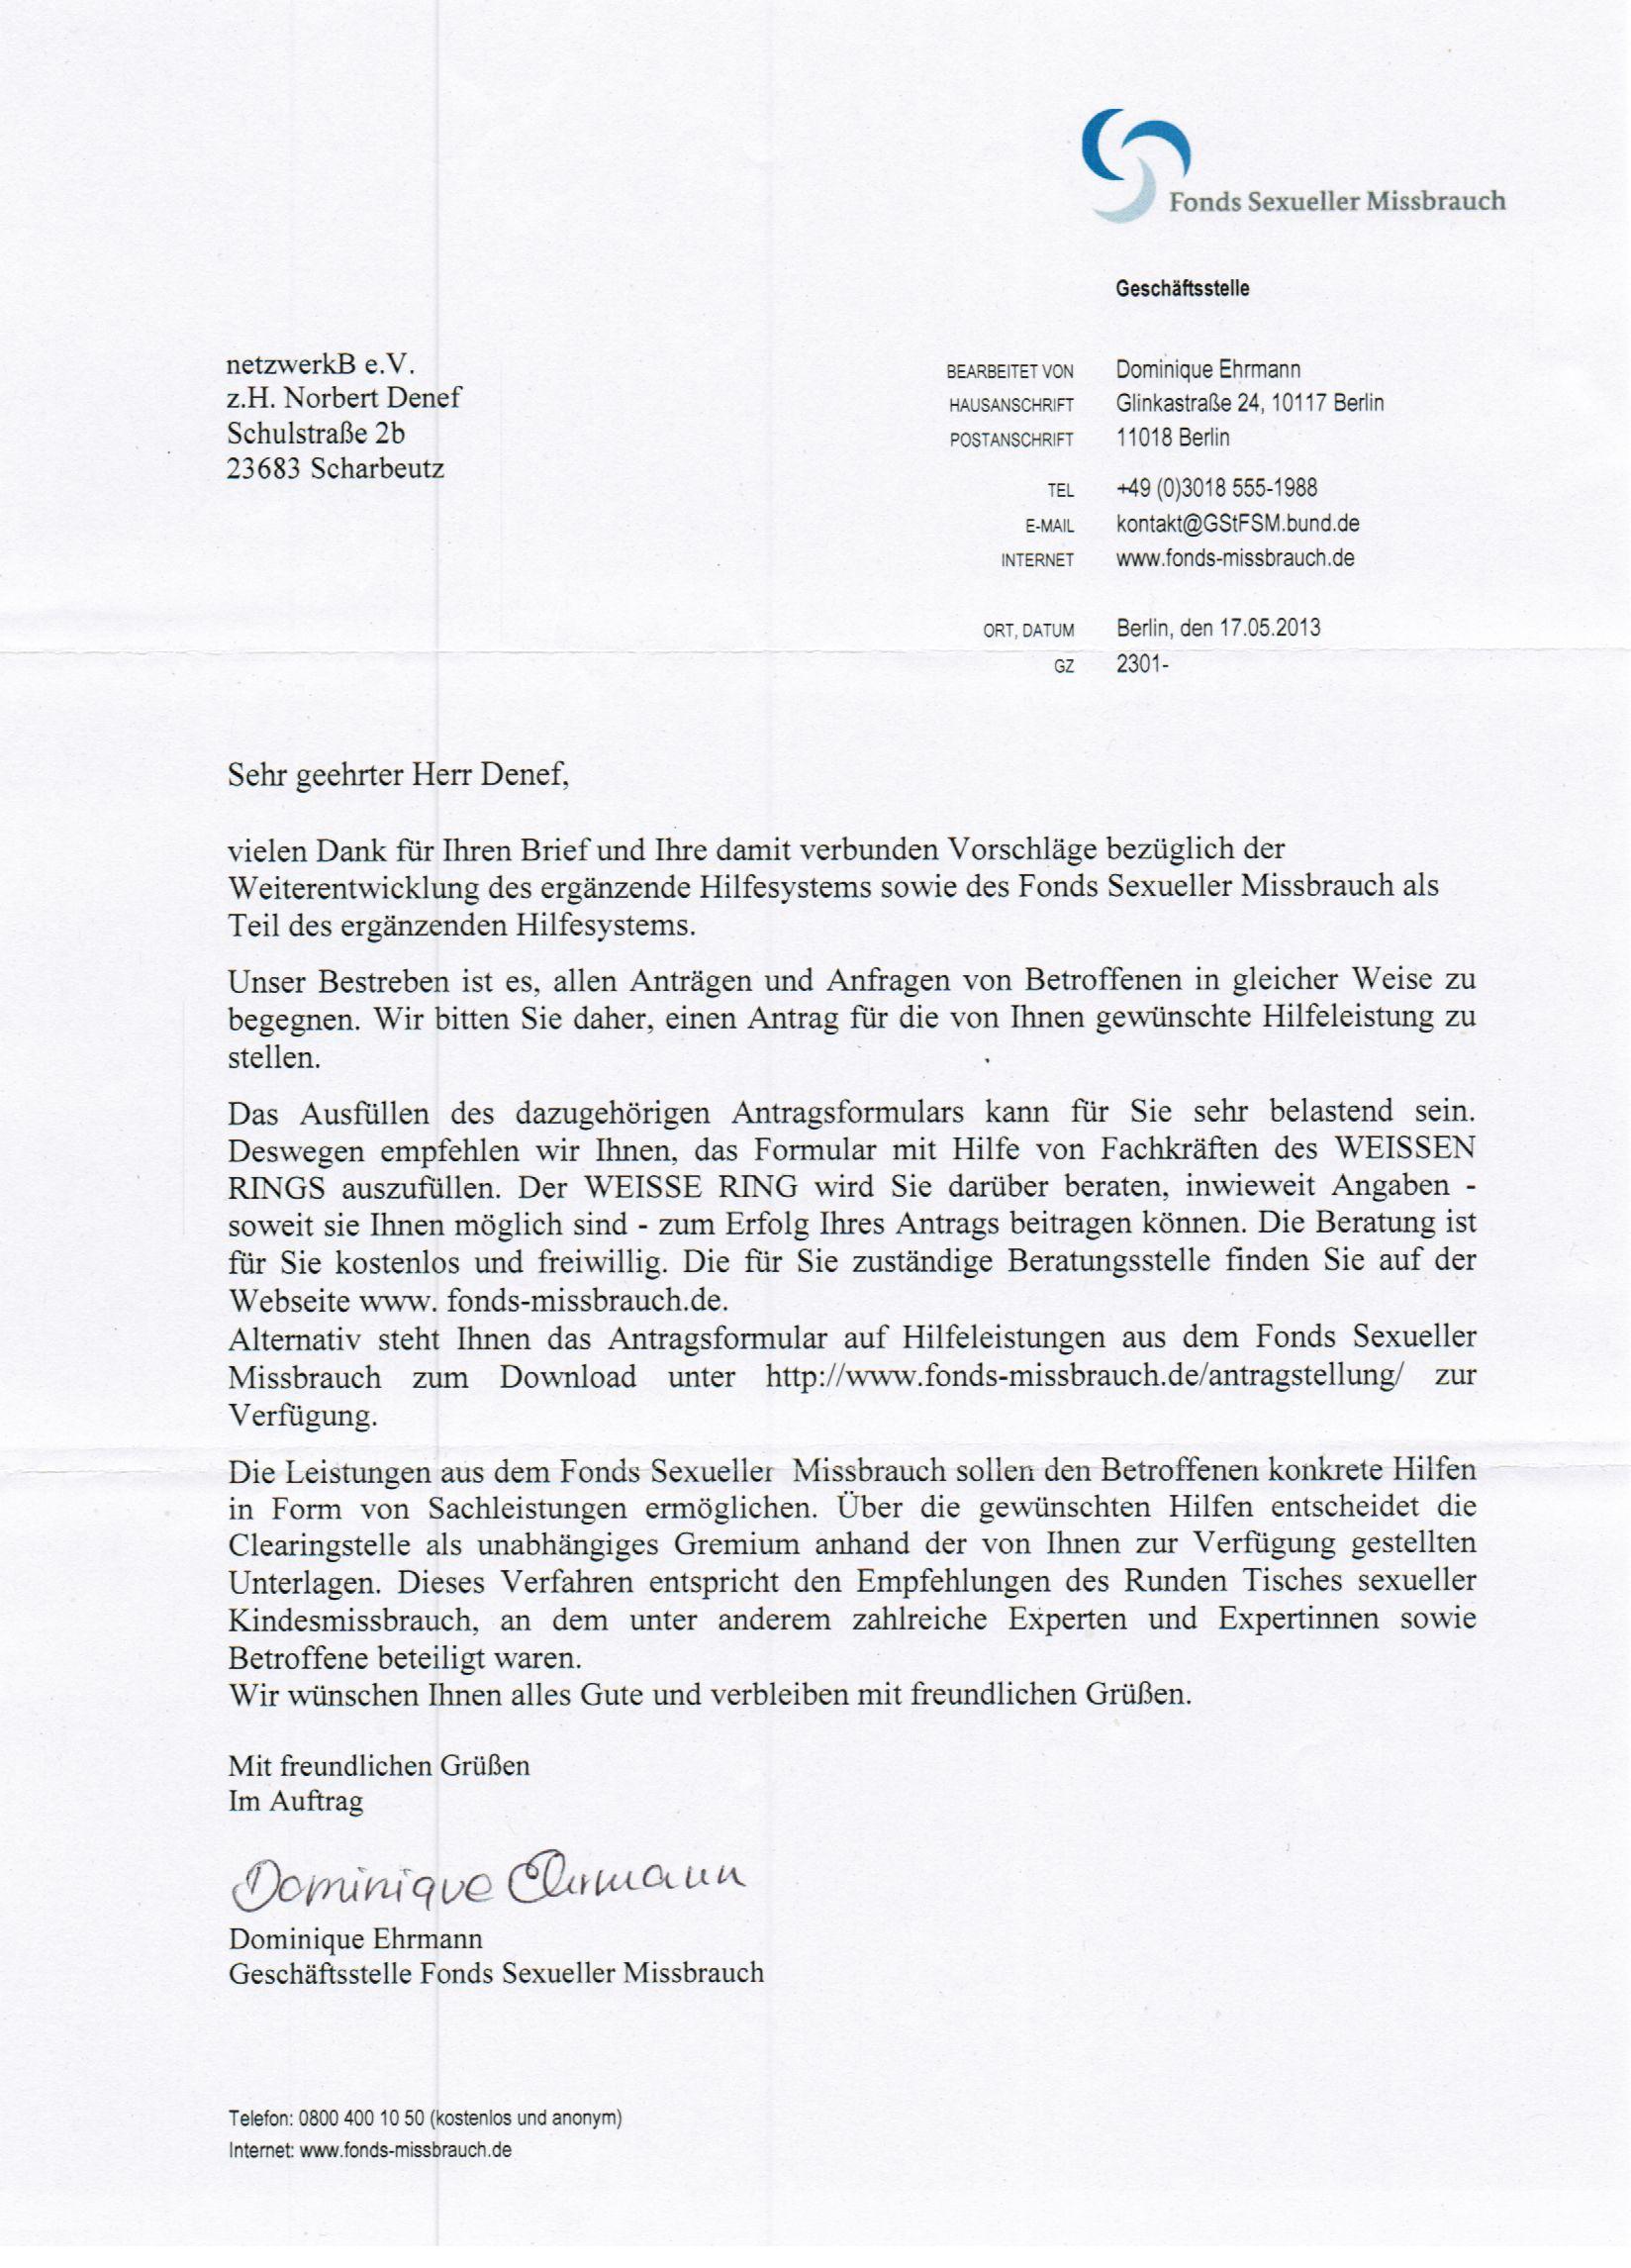 Fonds Sexueller Missbrauch – Antwortschreiben 17.05.2013 | netzwerkB